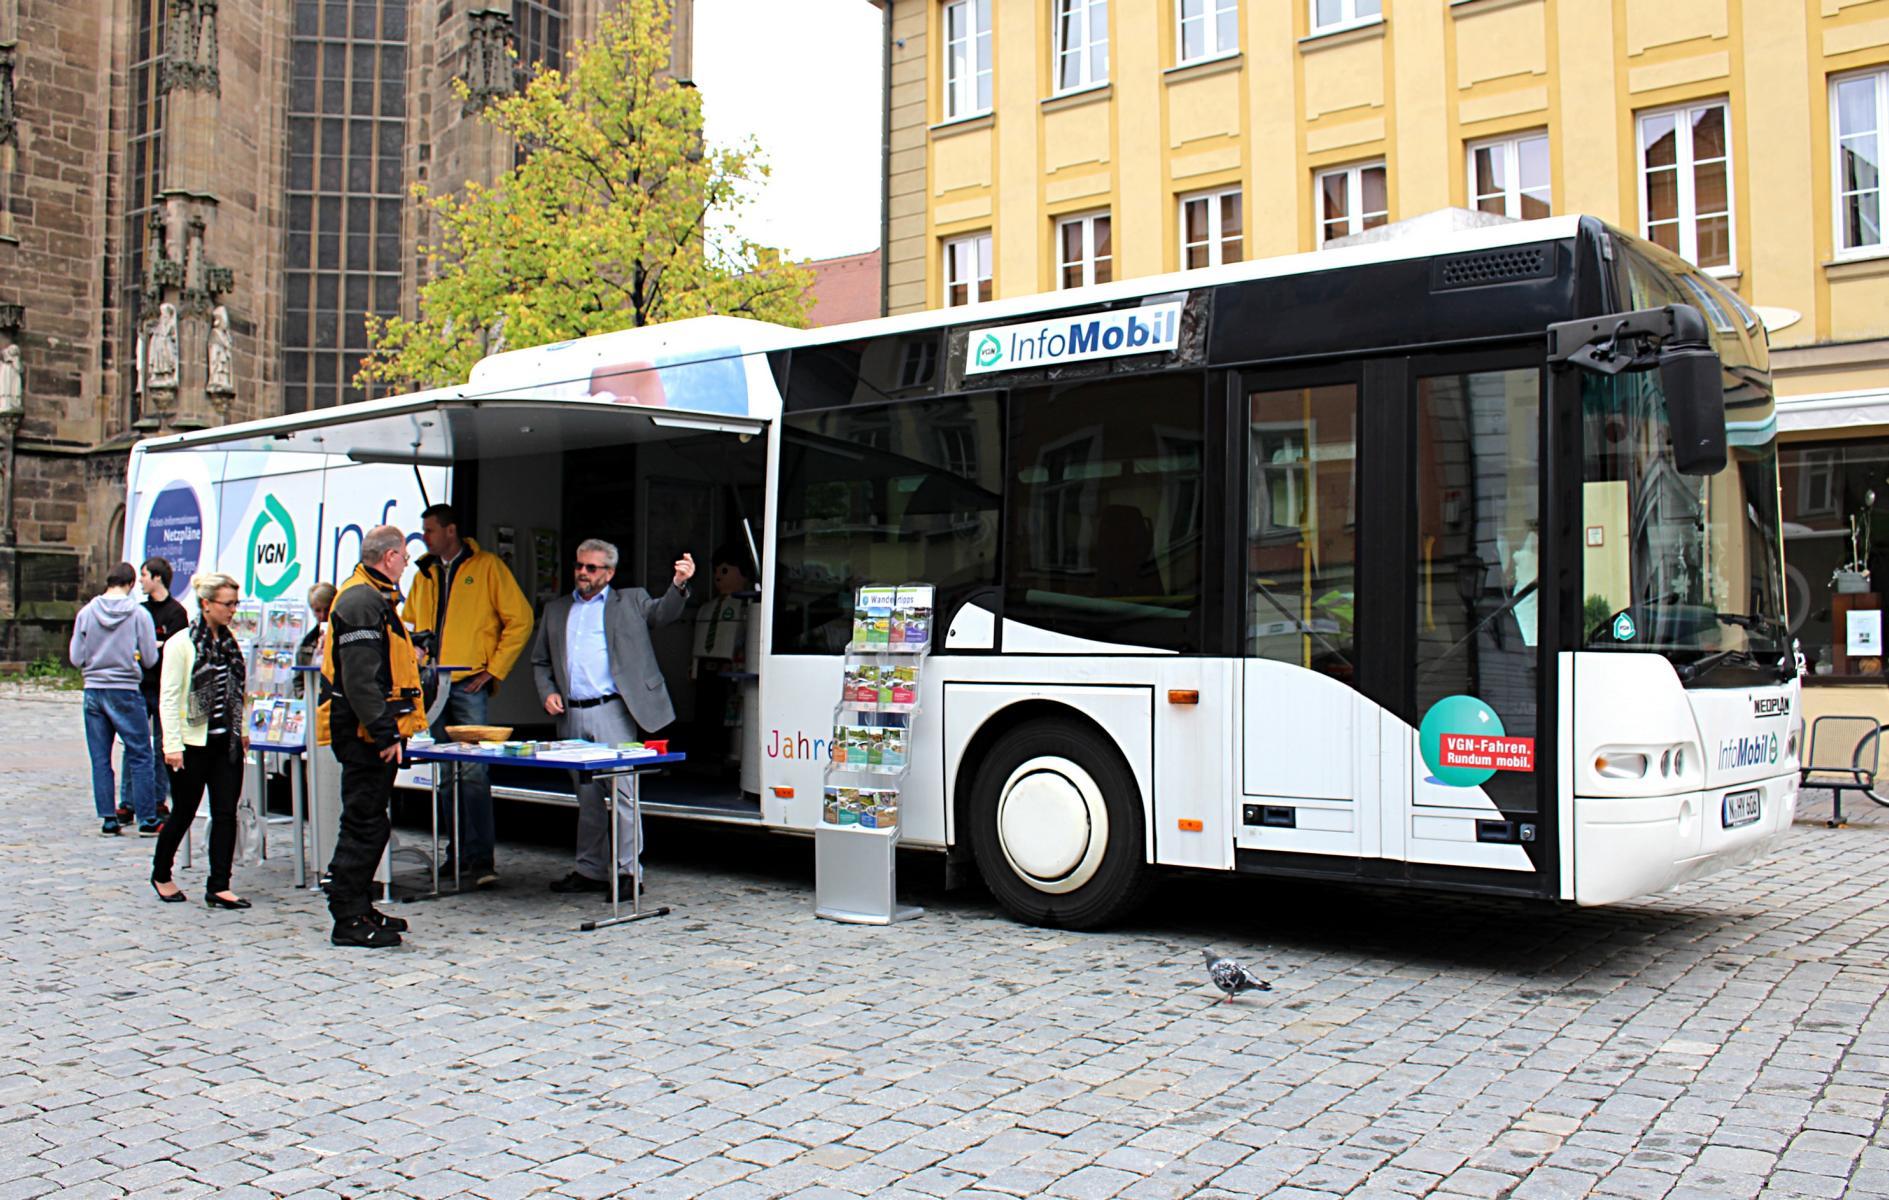 Vgn Infomobil Mit Tipps Für Den Schul Und Arbeitsweg